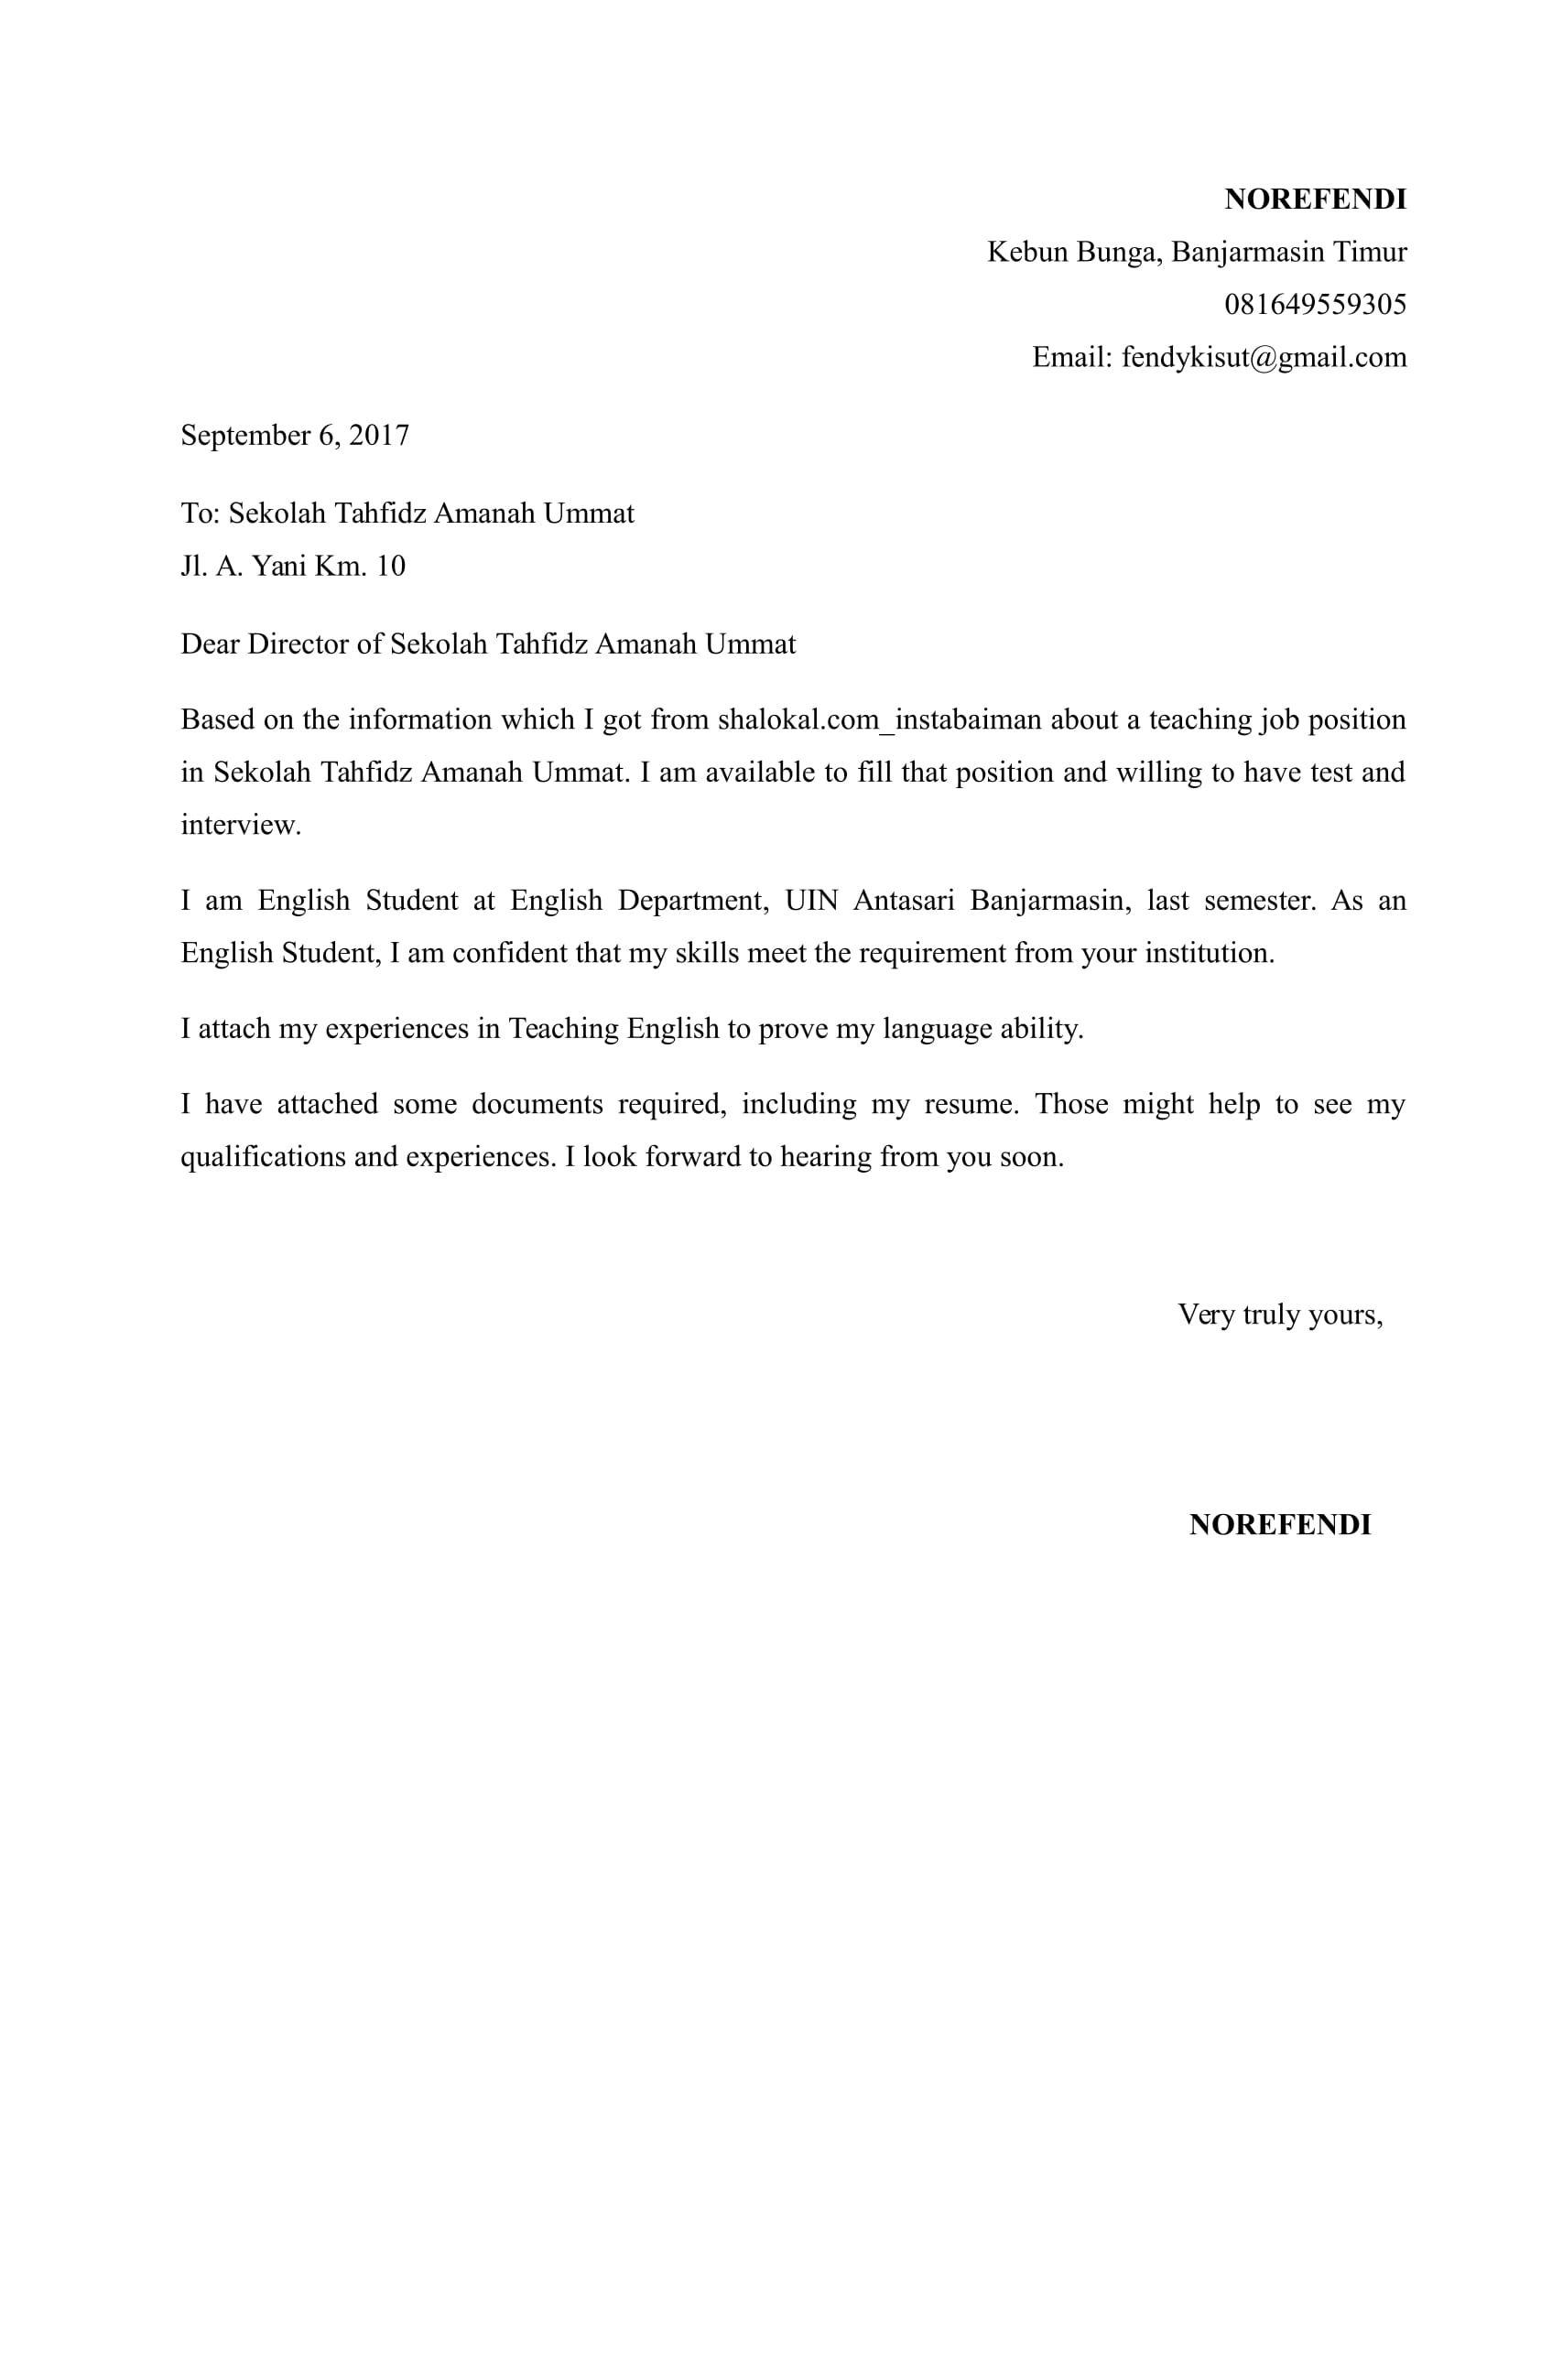 Surat Lamaran Kerja Guru Bahasa Inggris Documents Bahasa